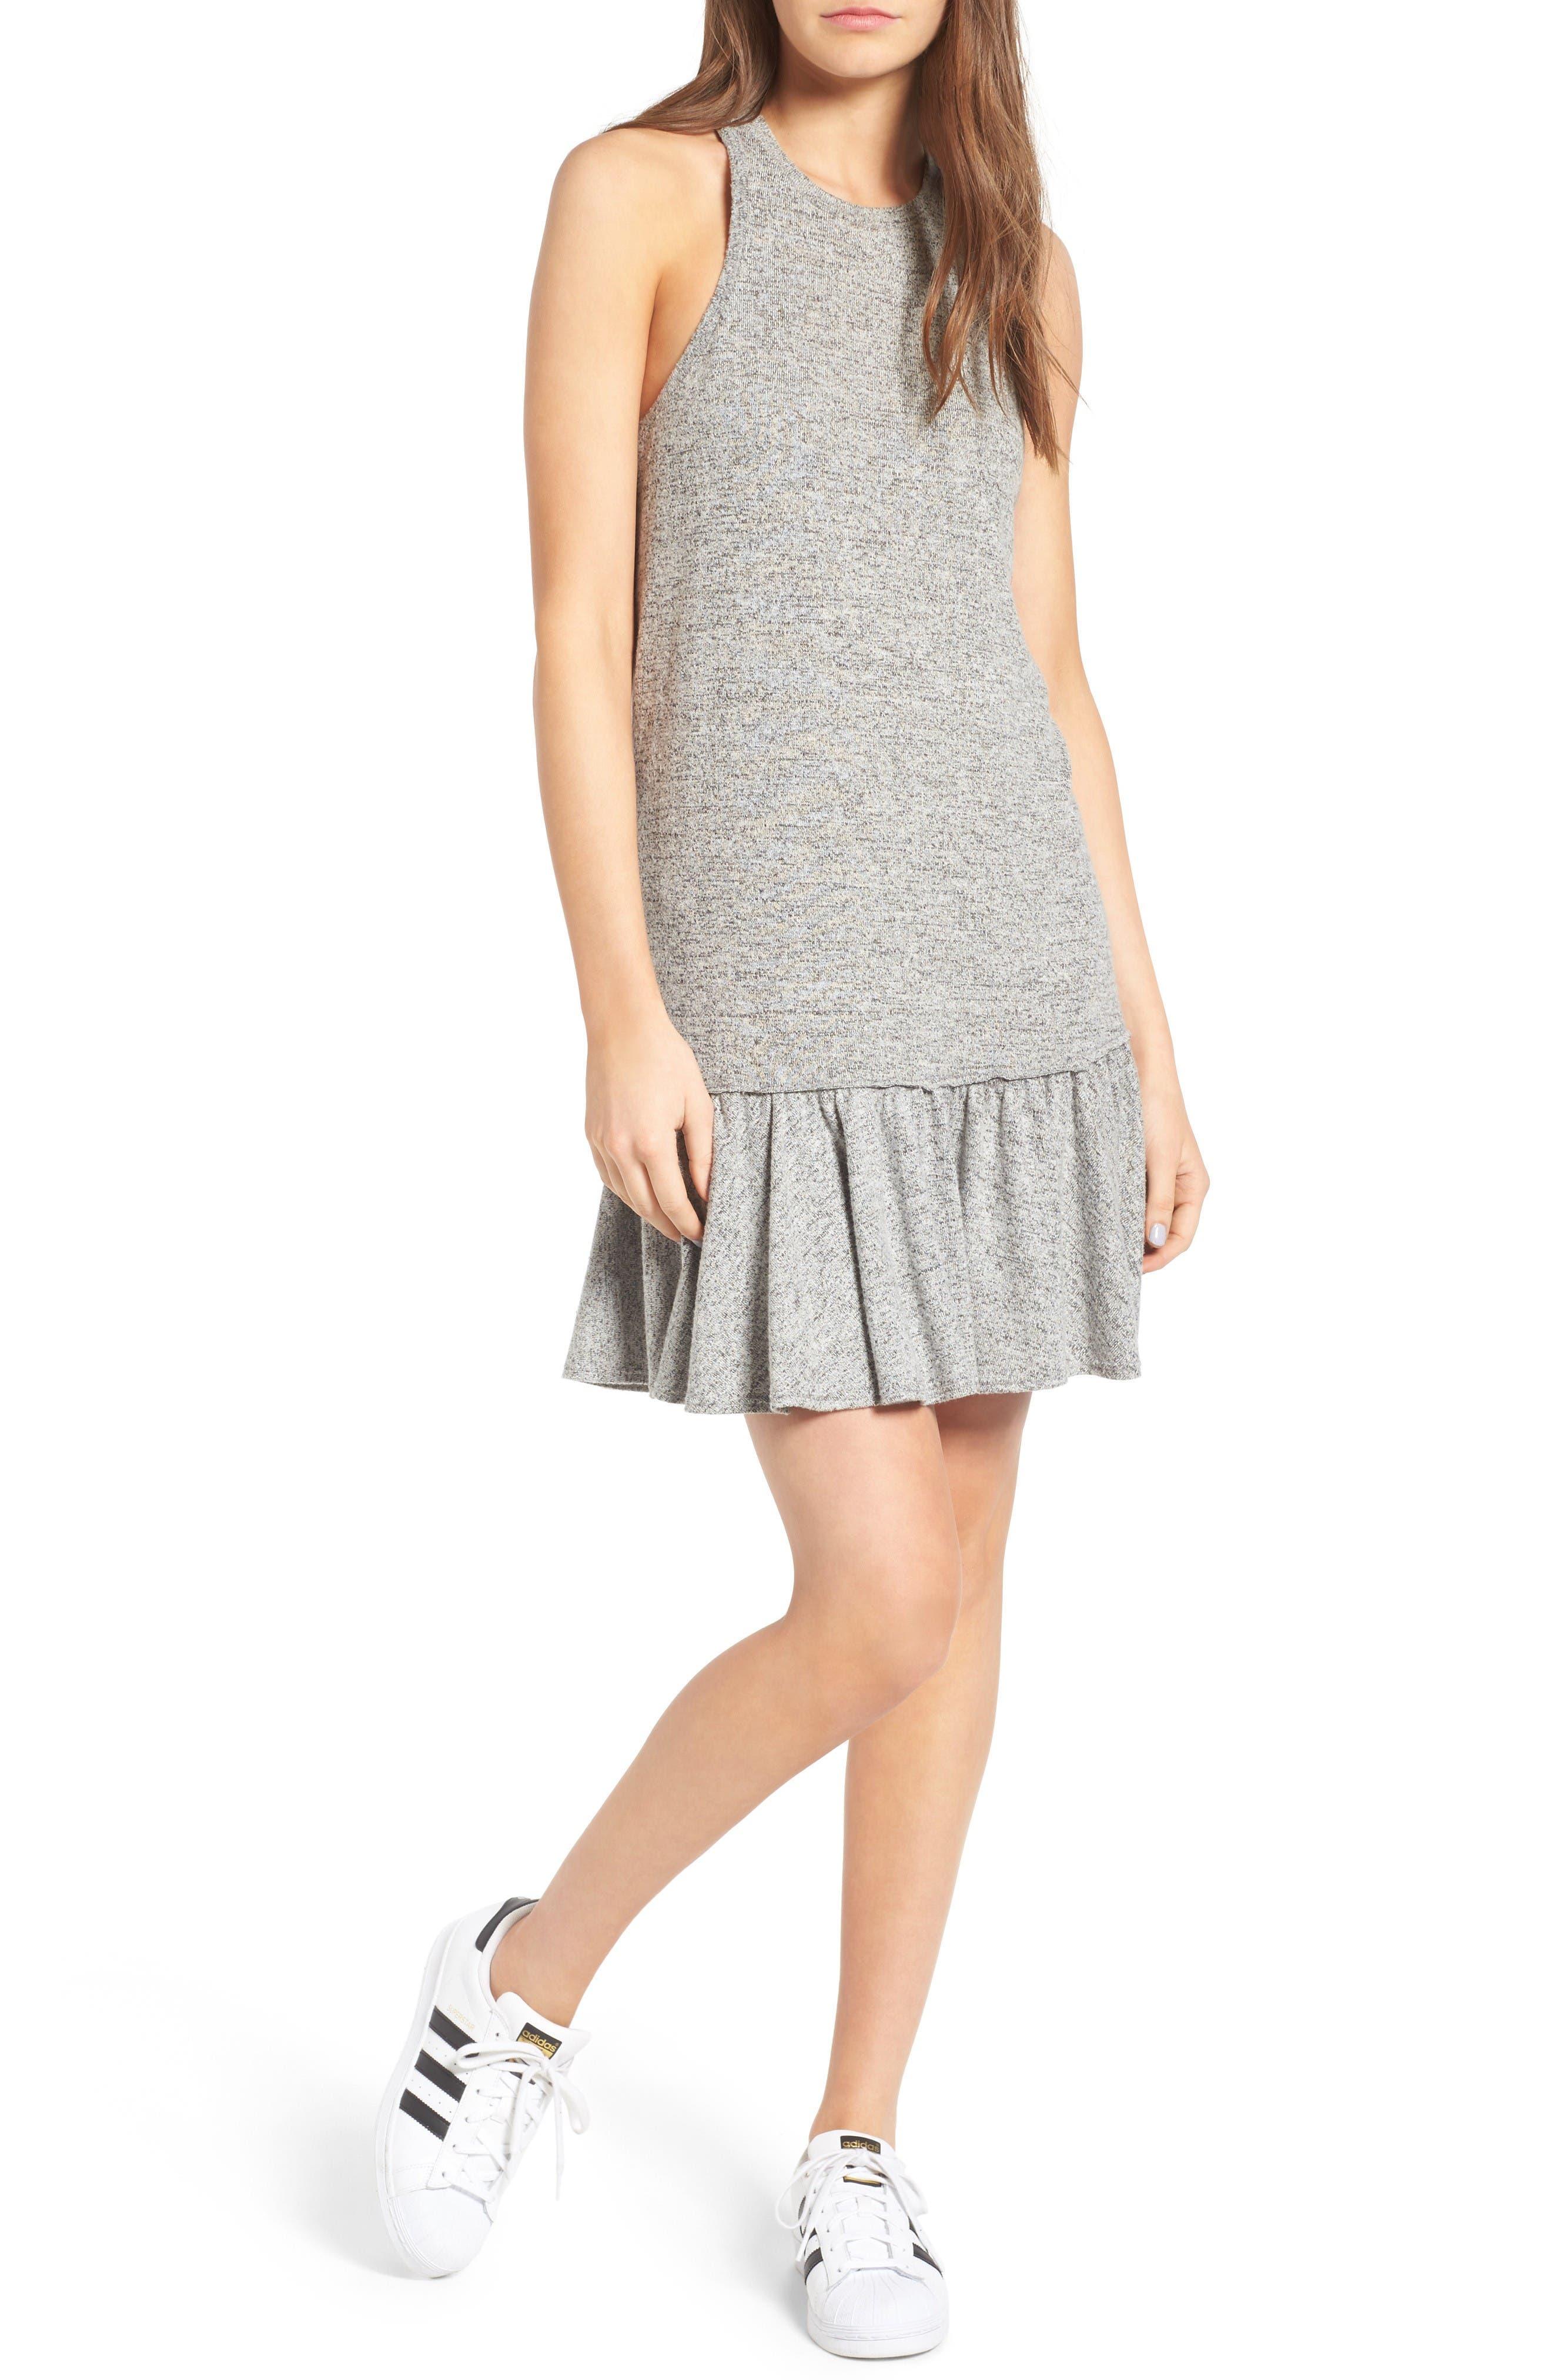 McGuire Le Club Knit Drop Waist Dress